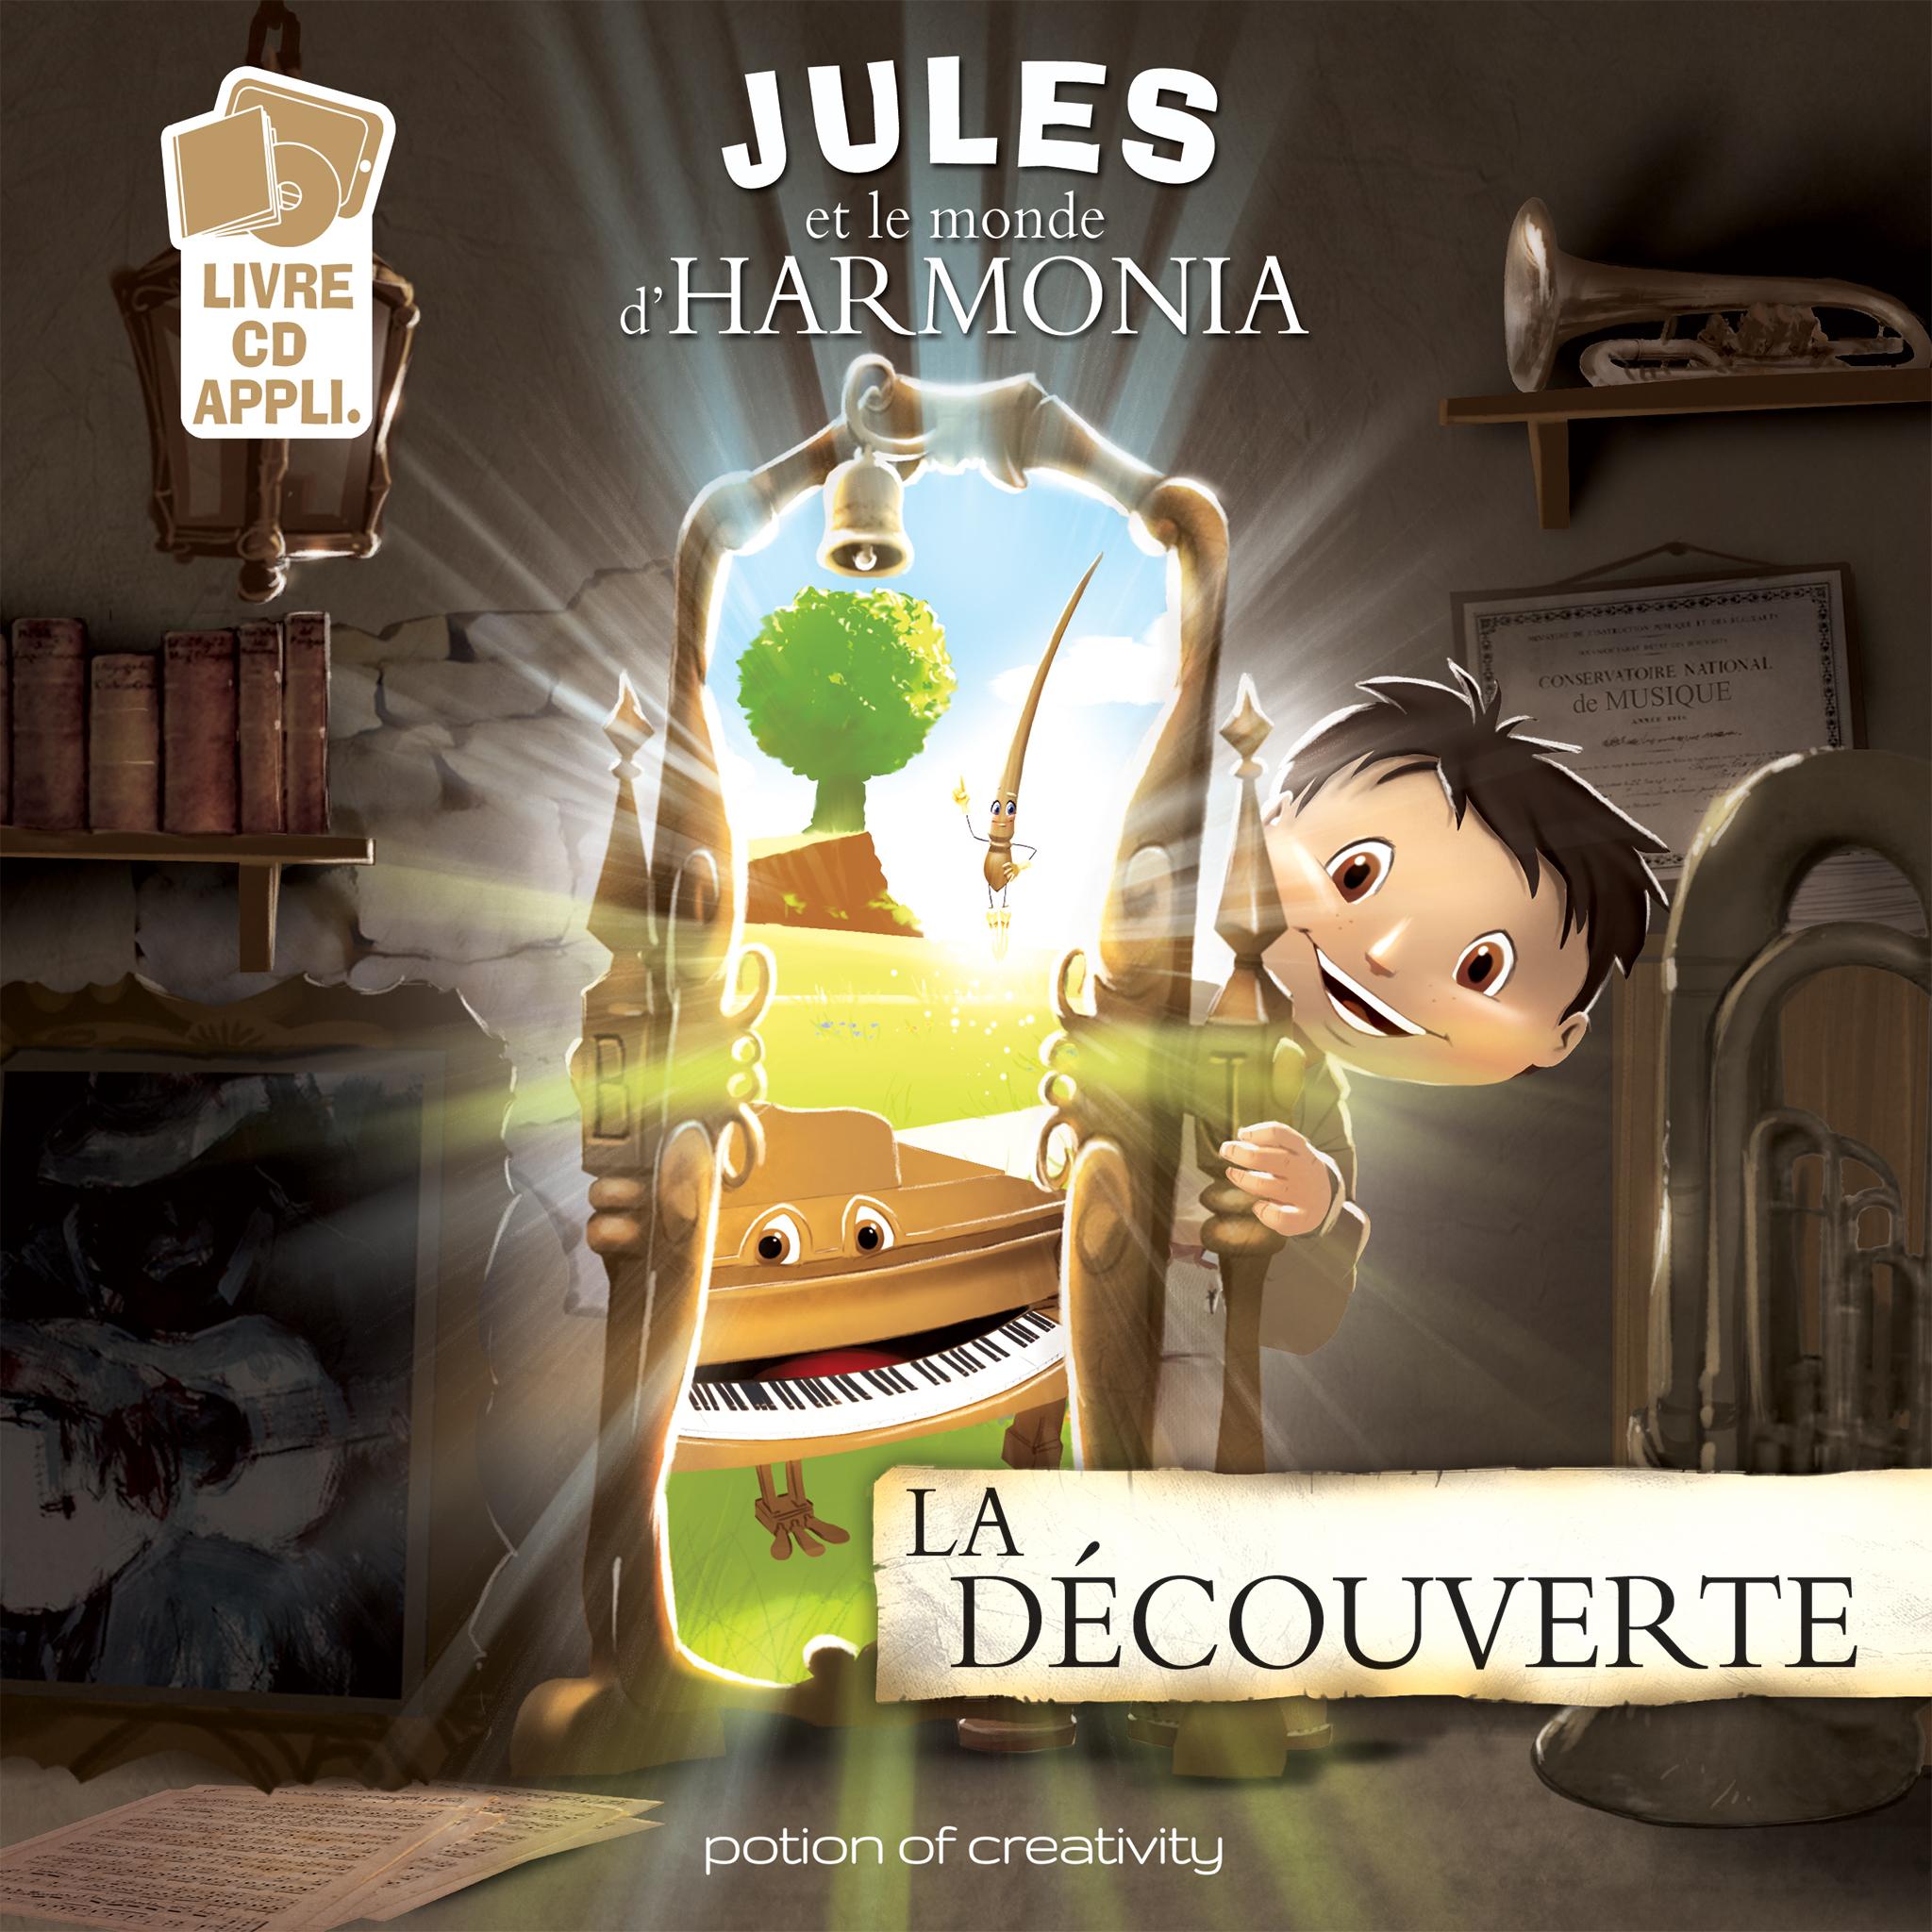 JULES ET LE MONDE D'HARMONIA - EPISODE 1 LA DECOUVERTE